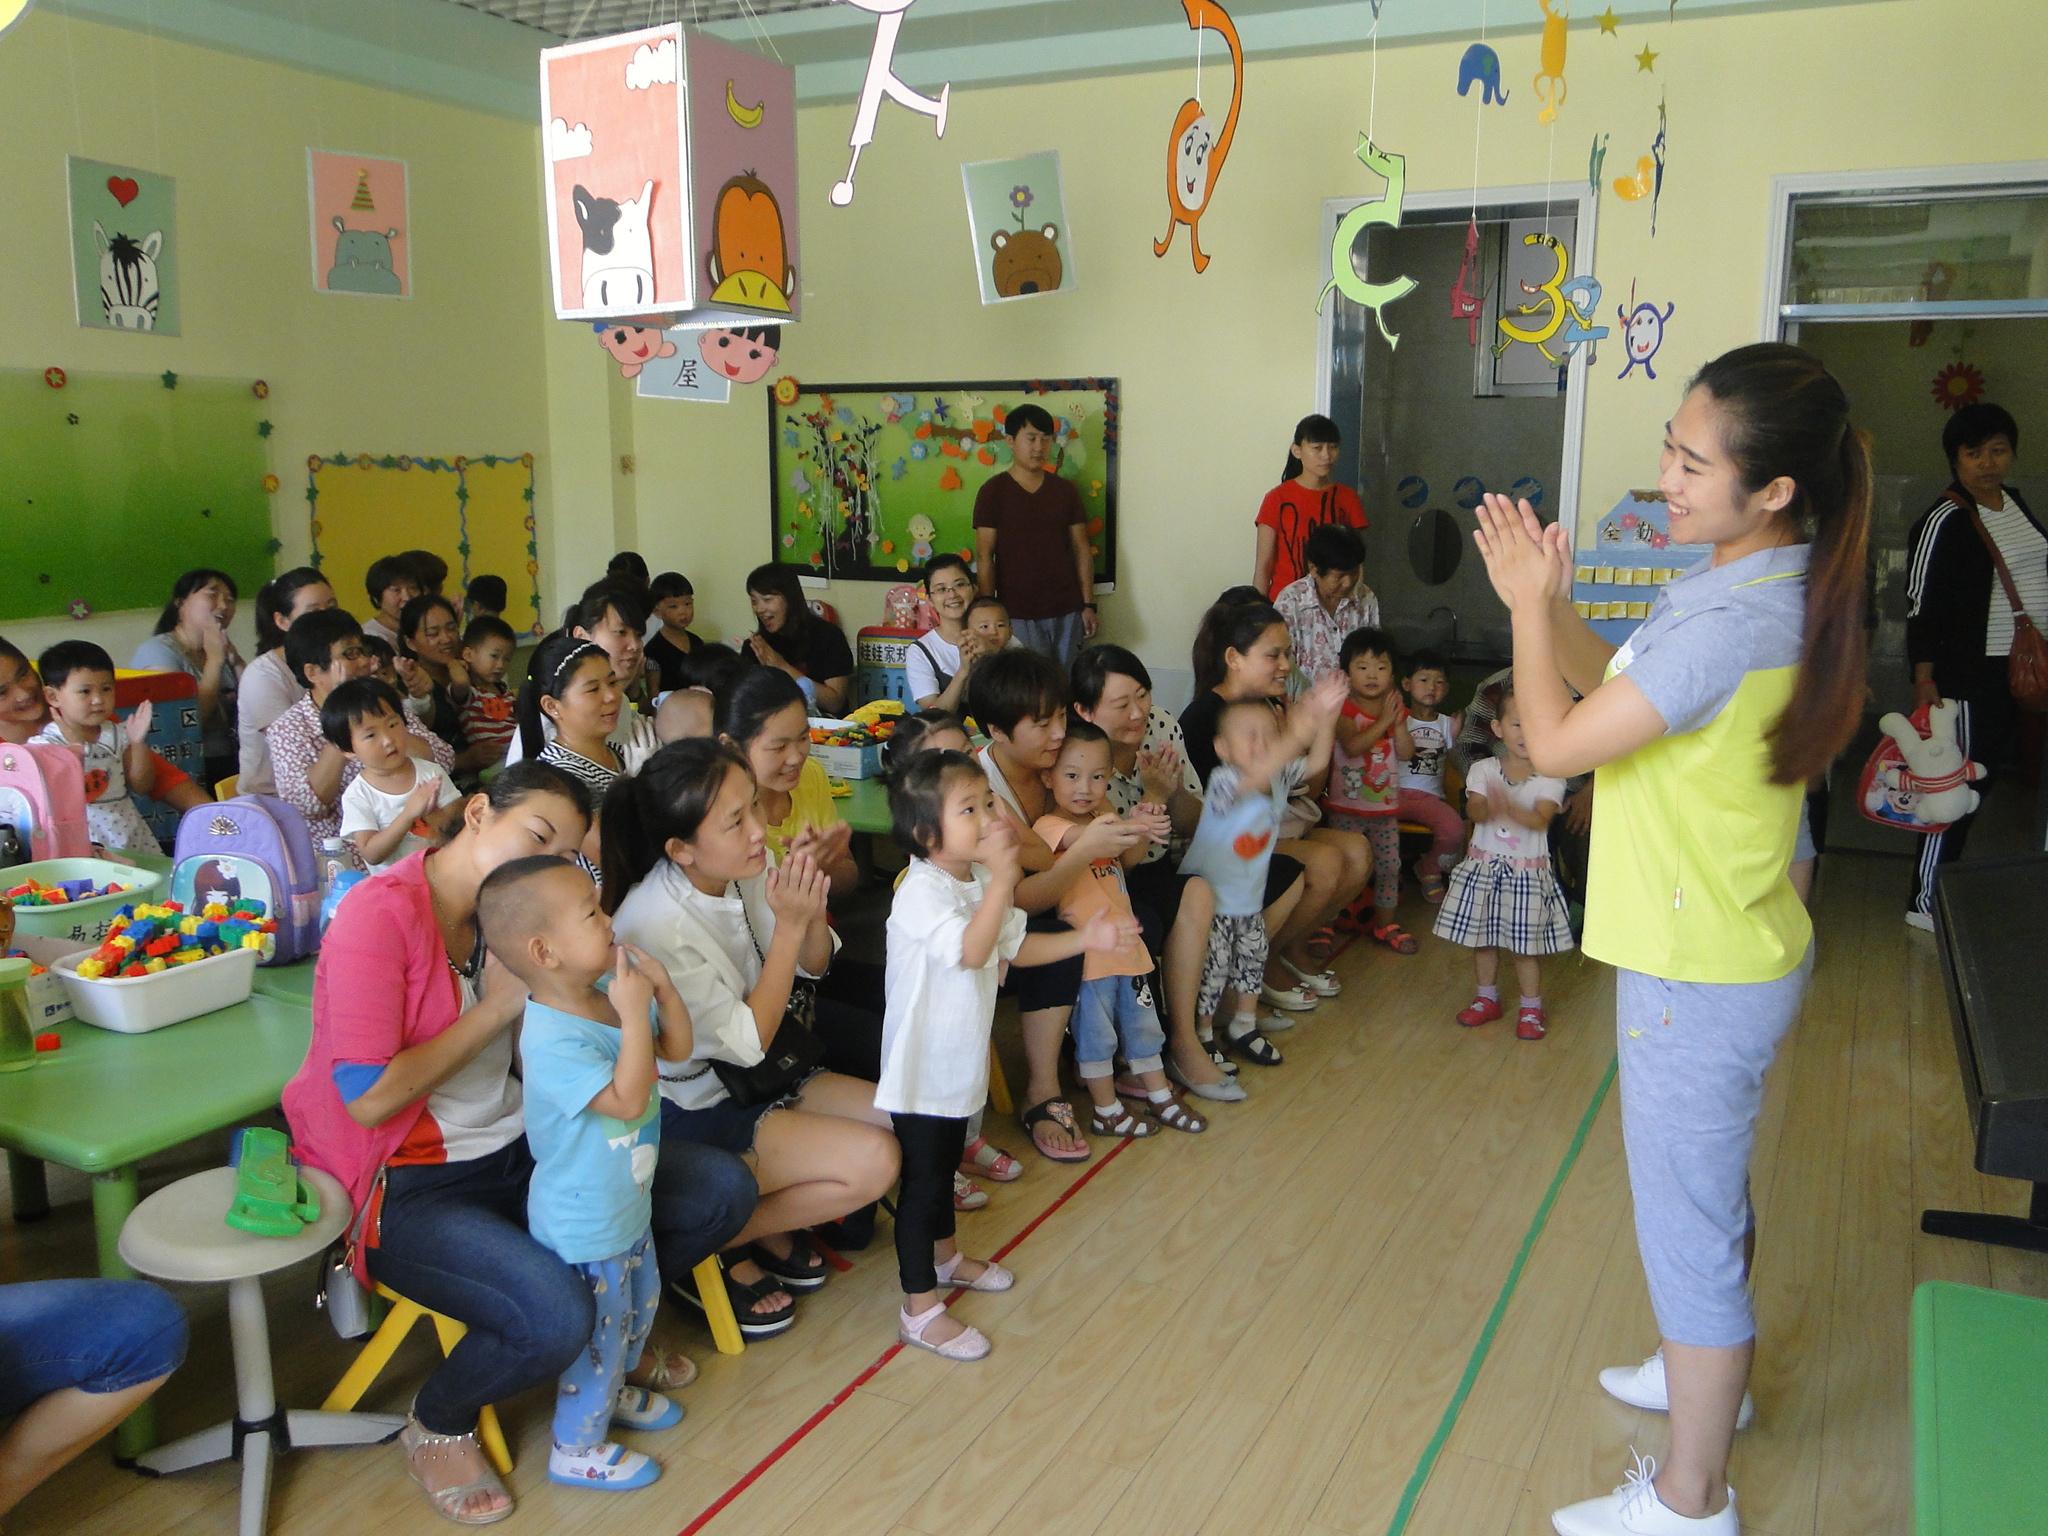 河西小学幼儿园迎接新生入园系列活动